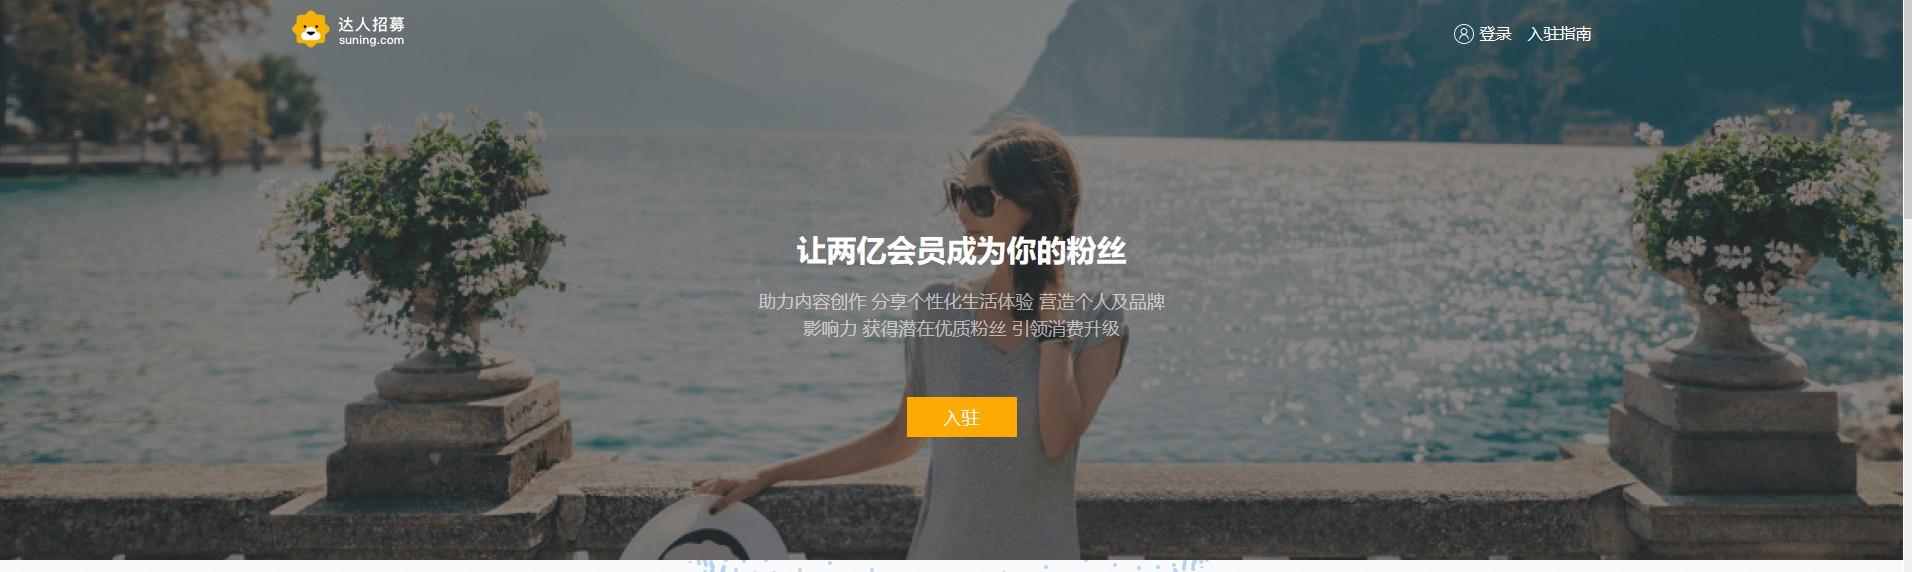 网赚干货:苏宁达人申请入驻指南